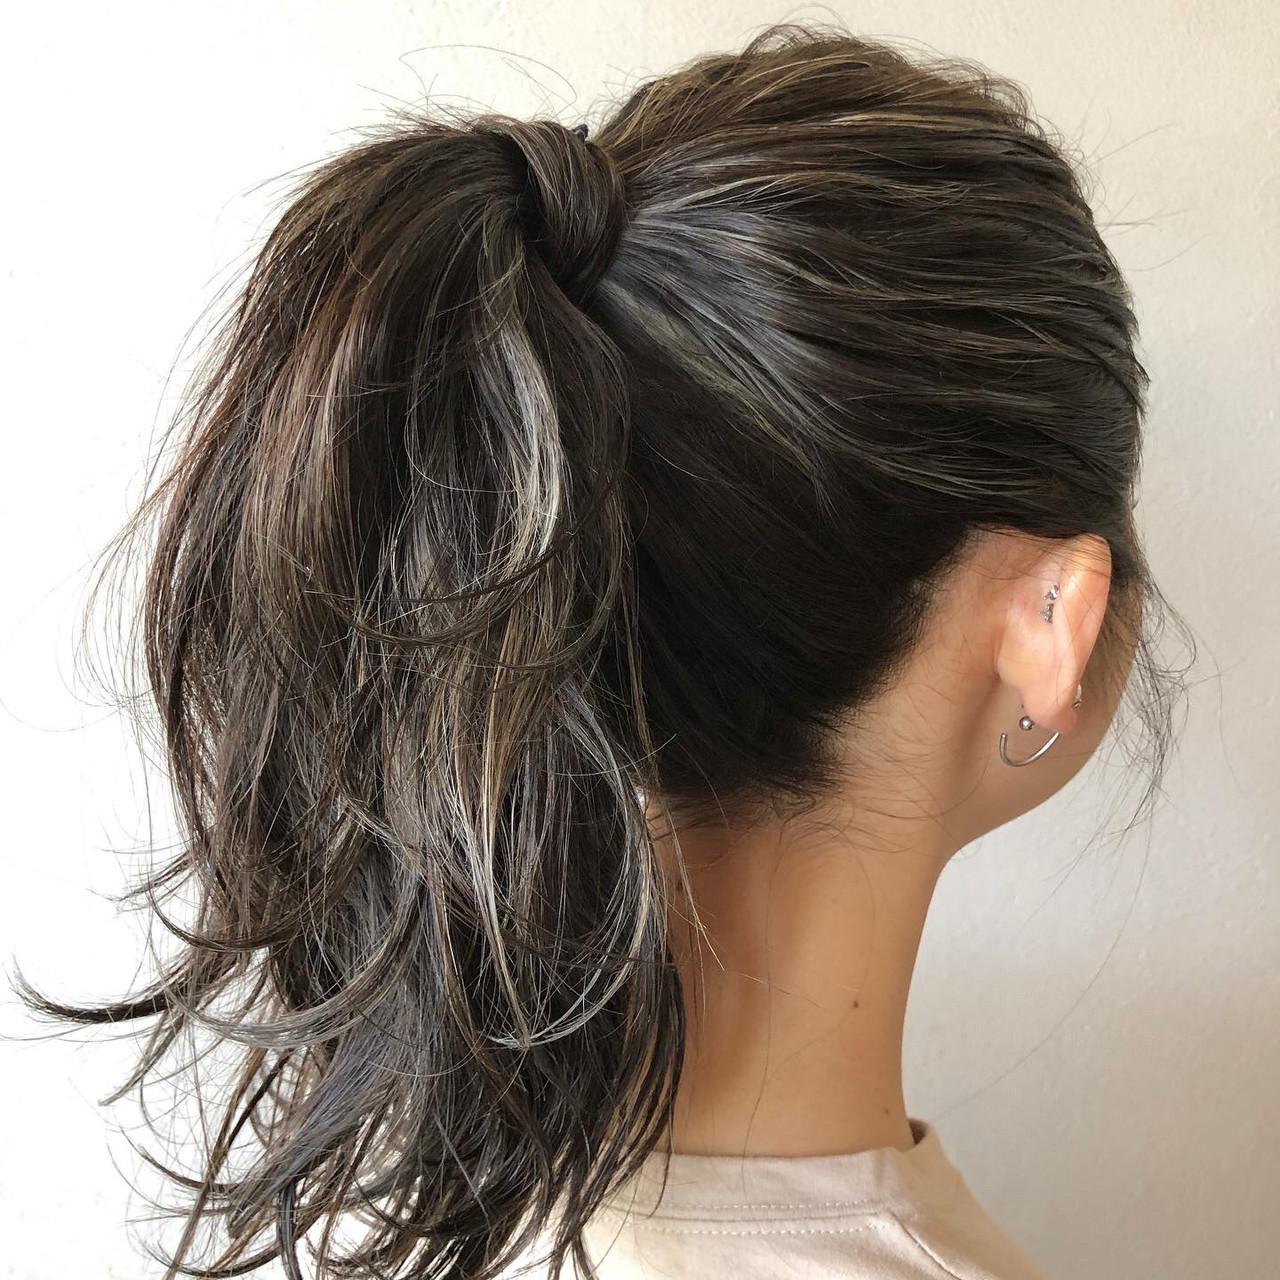 ストリート 大人ハイライト 極細ハイライト 3Dハイライトヘアスタイルや髪型の写真・画像